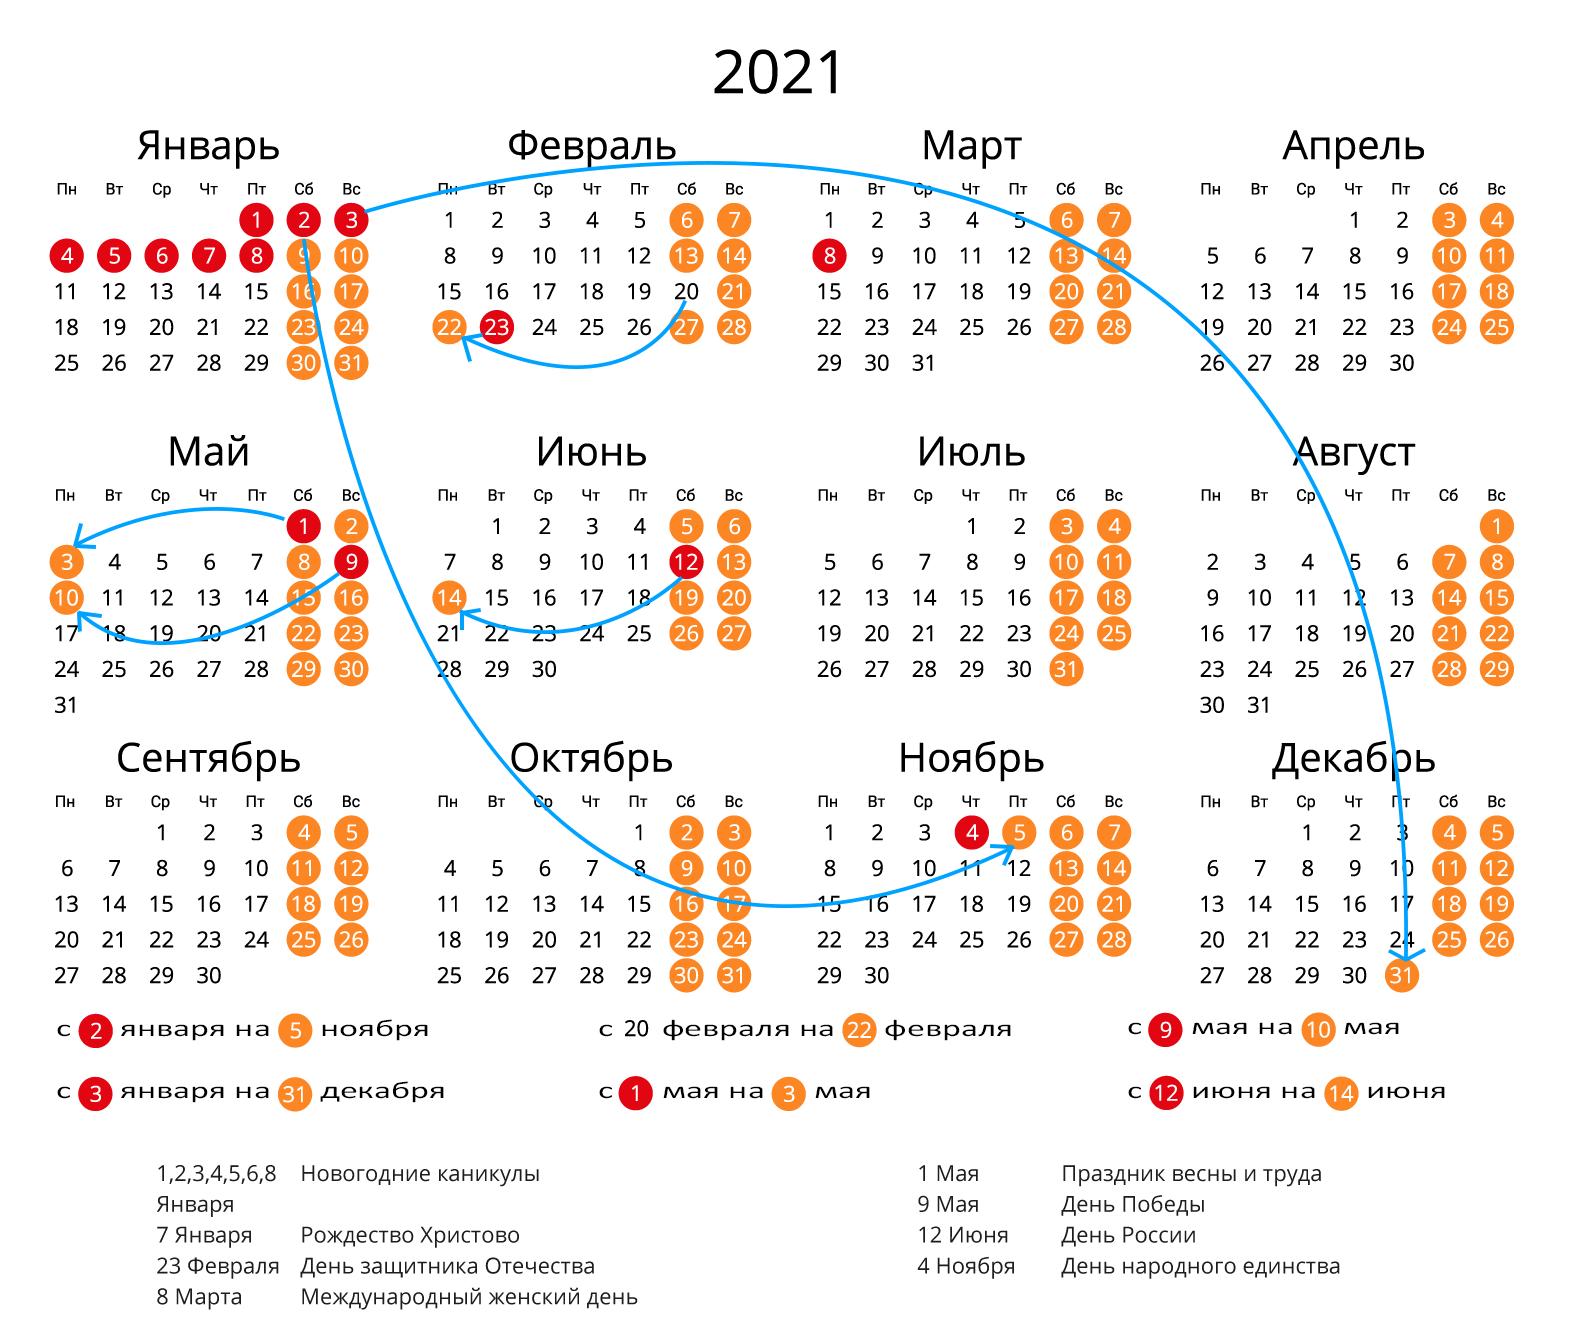 календарь 2021 перенос выходных дней